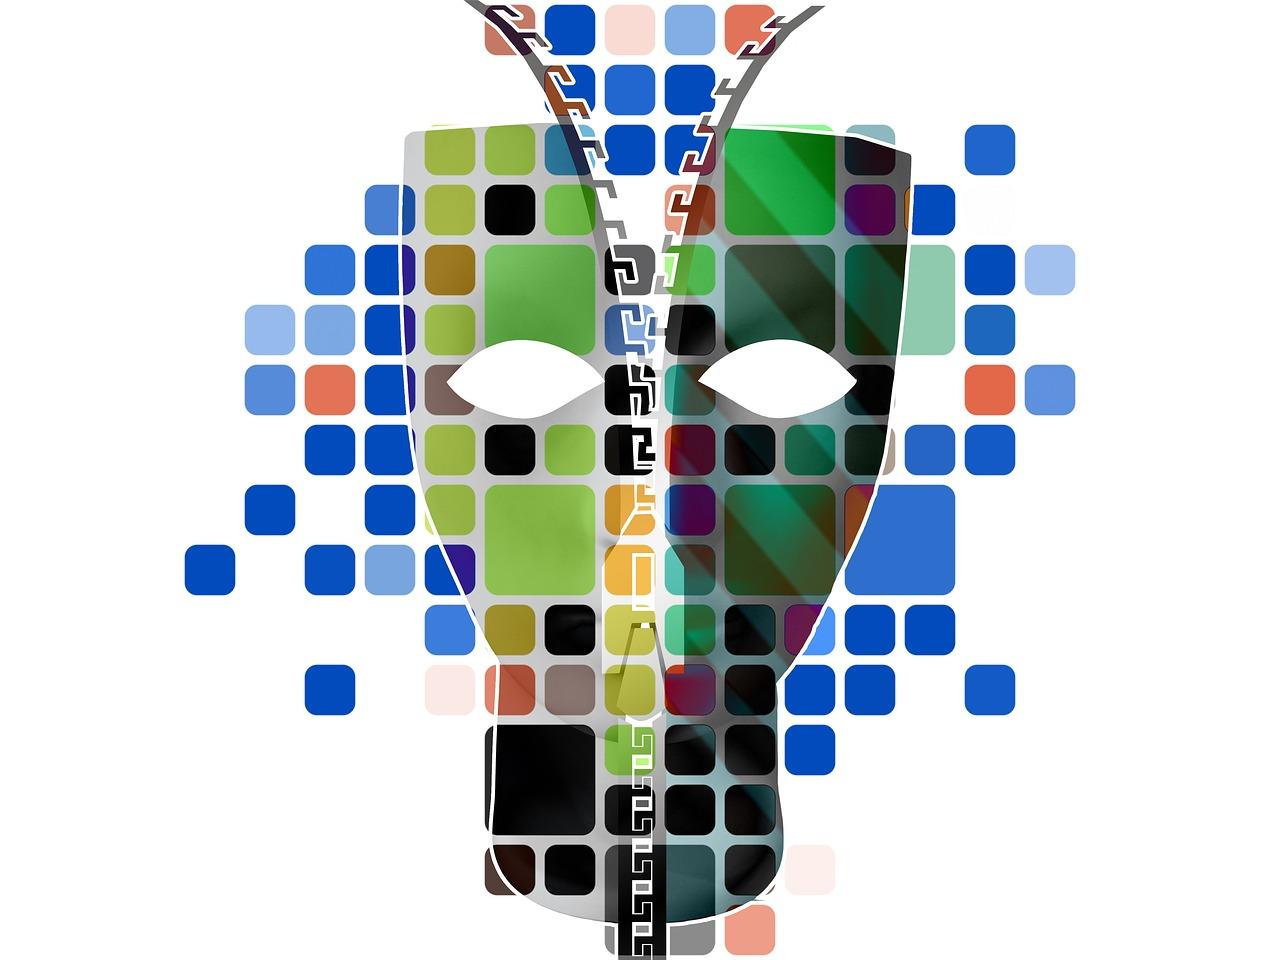 【書籍紹介】自分の「異常性」に気づかない人たち: 病識と否認の心理